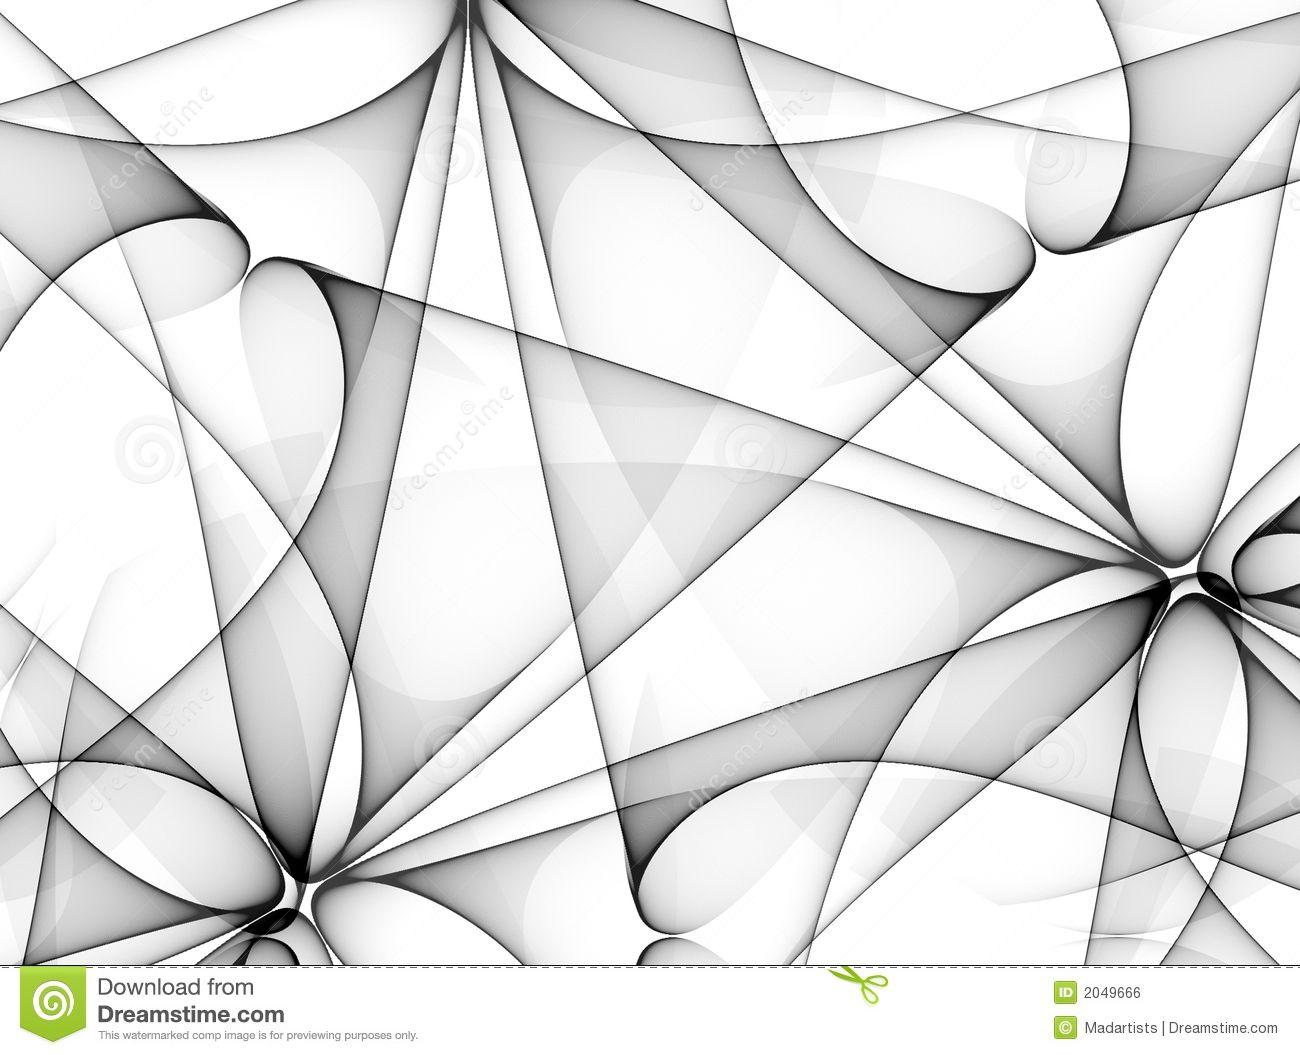 Black And White Line Design Google Search Design Lines Black And White Black White Lines Line Patterns Line Design